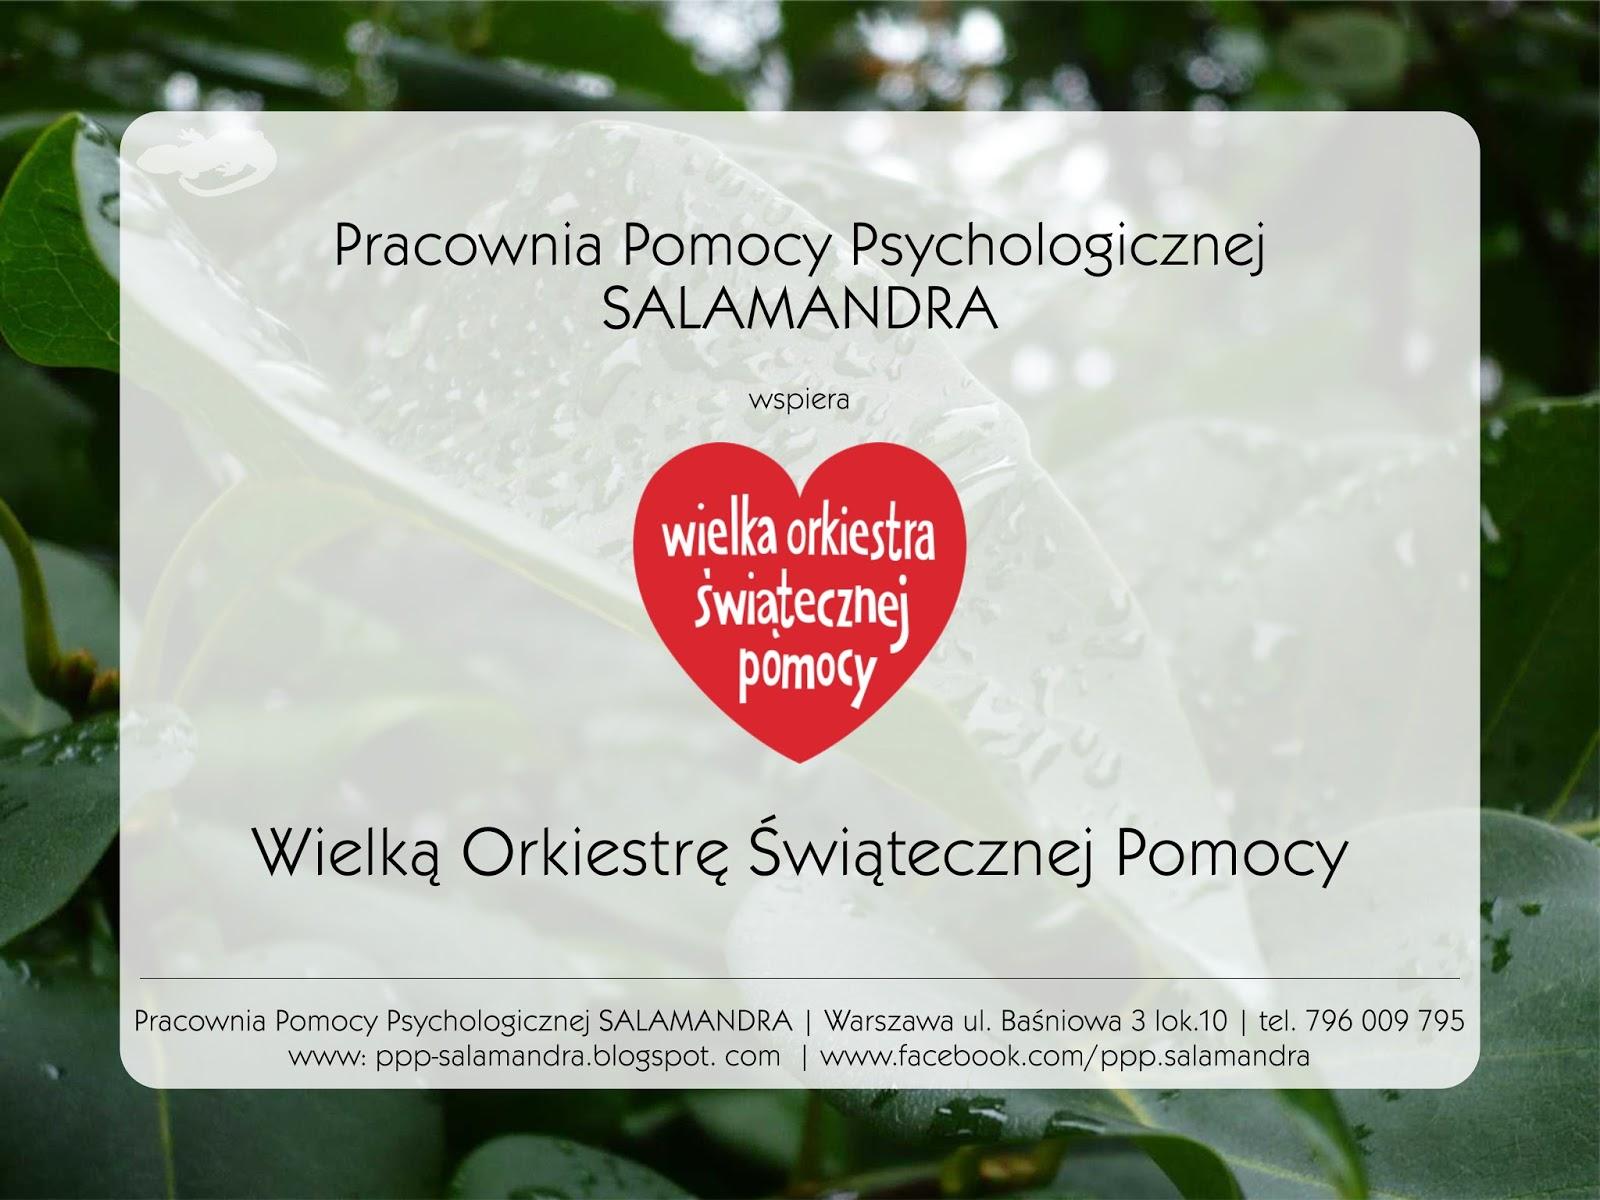 Pracownia Pomocy Psychologicznej SALAMANDRA wspiera Wielką Orkiestrę Świątecznej Pomocy